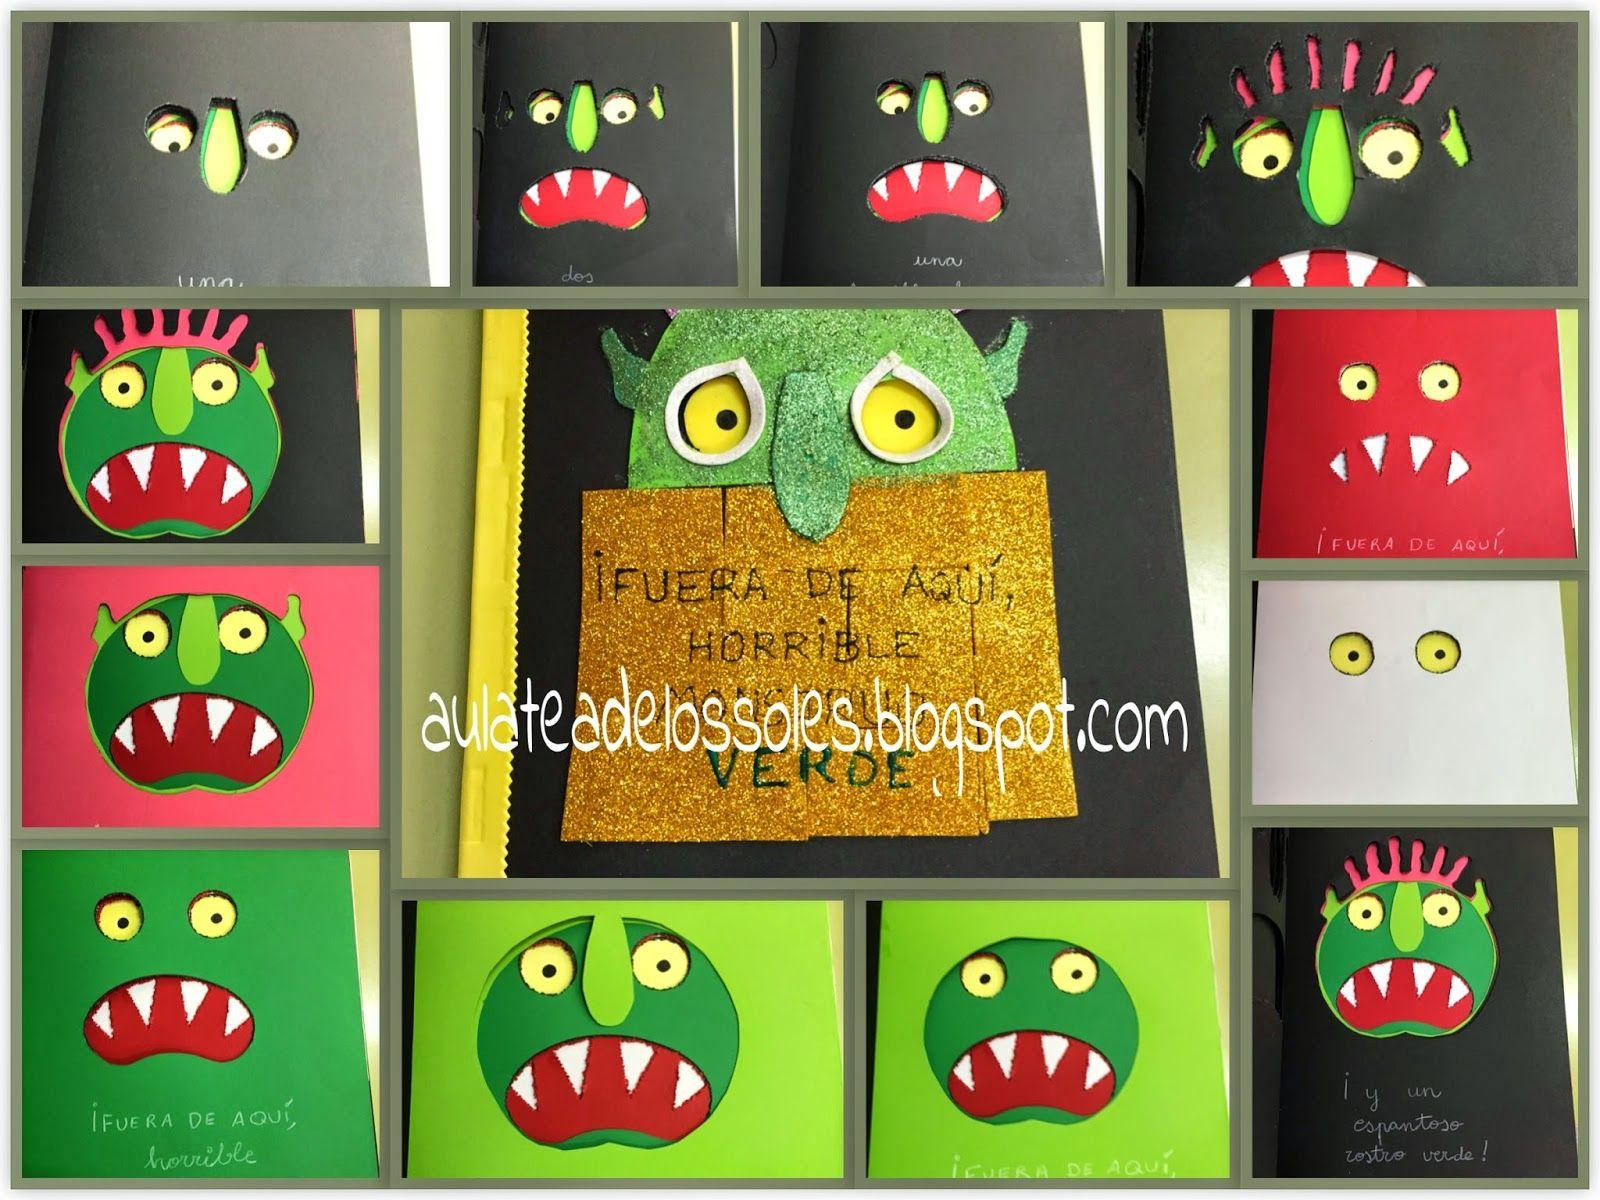 Adaptando cuentos fuera de aqu horrible monstruo verde for Fuera de quicio libro